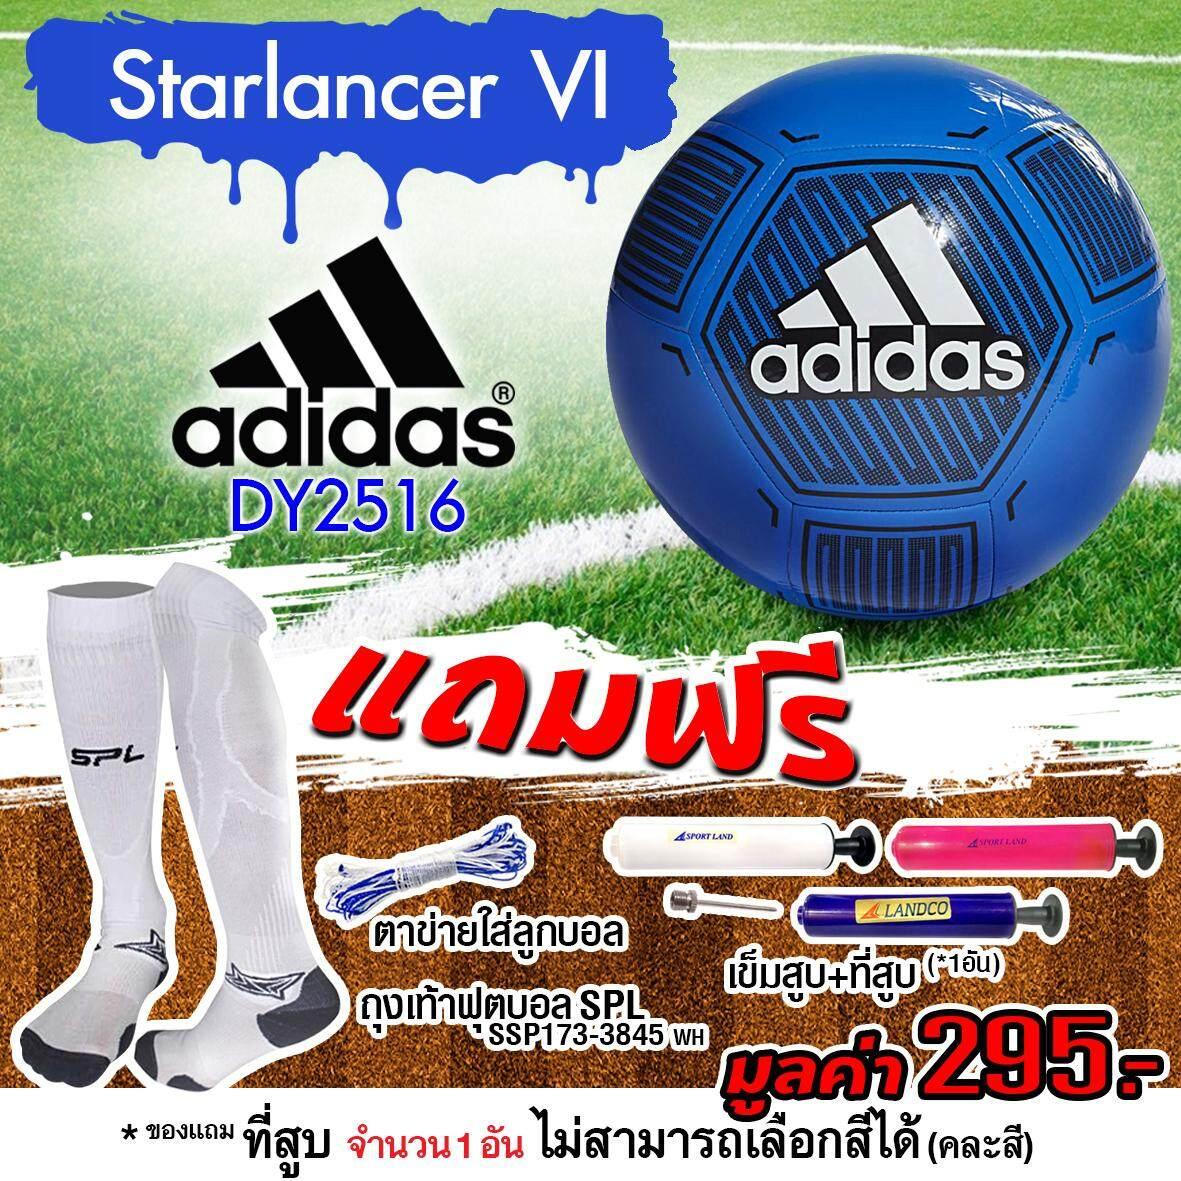 สอนใช้งาน  ระนอง Adidas ฟุตบอลหนัง อาดิดาส Football Starlancer VI DY2516(500) แถมฟรี ตาข่ายใส่ลูกฟุตบอล + เข็มสูบสูบลม + สูบมือ SPL รุ่น SL6 + ถุงเท้าฟุตบอล Striker 17.3 WH